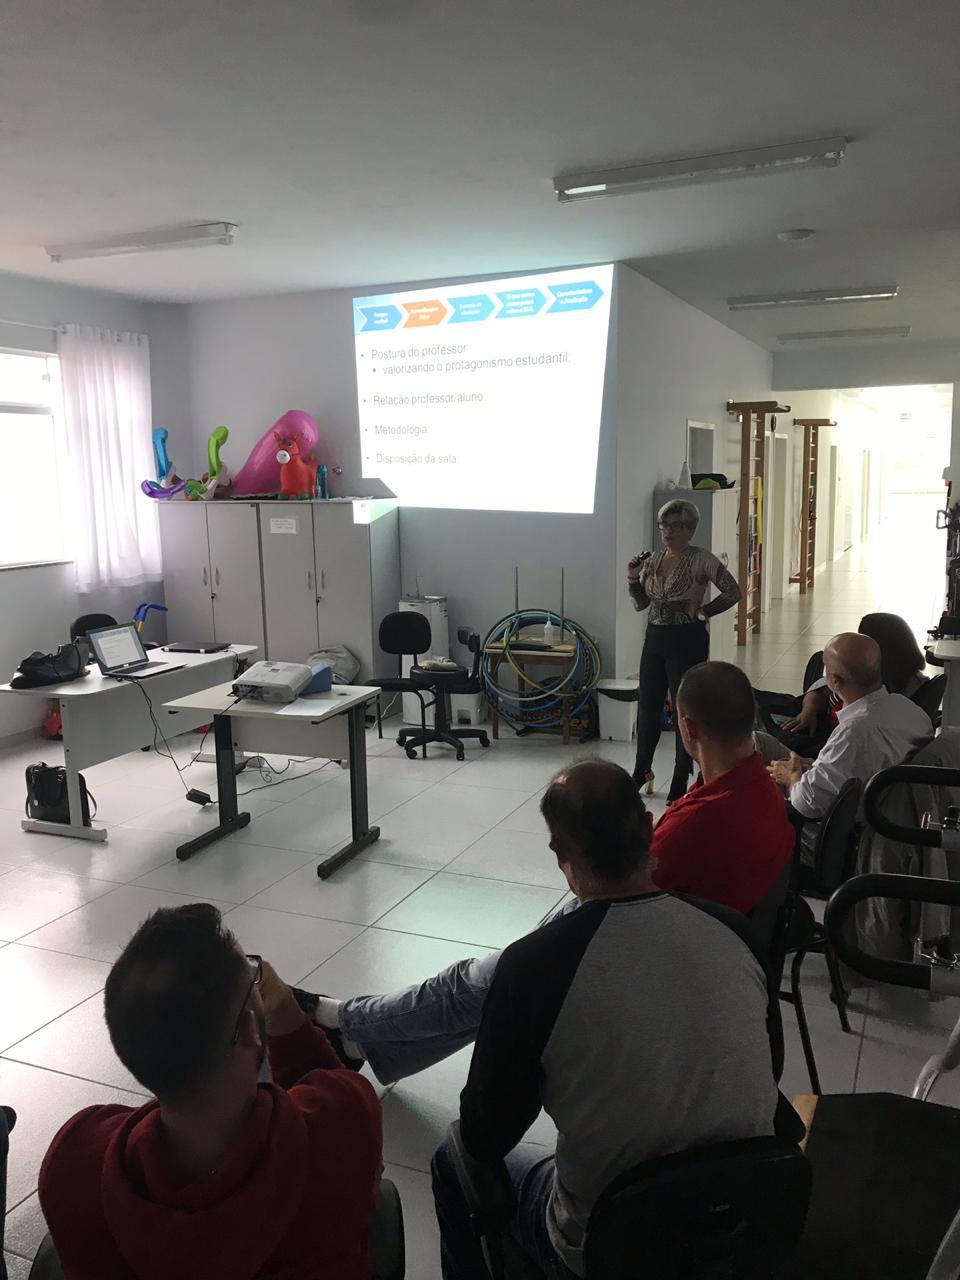 Docentes da Guairacá ministram capacitação sobre metodologias ativas de aprendizagem